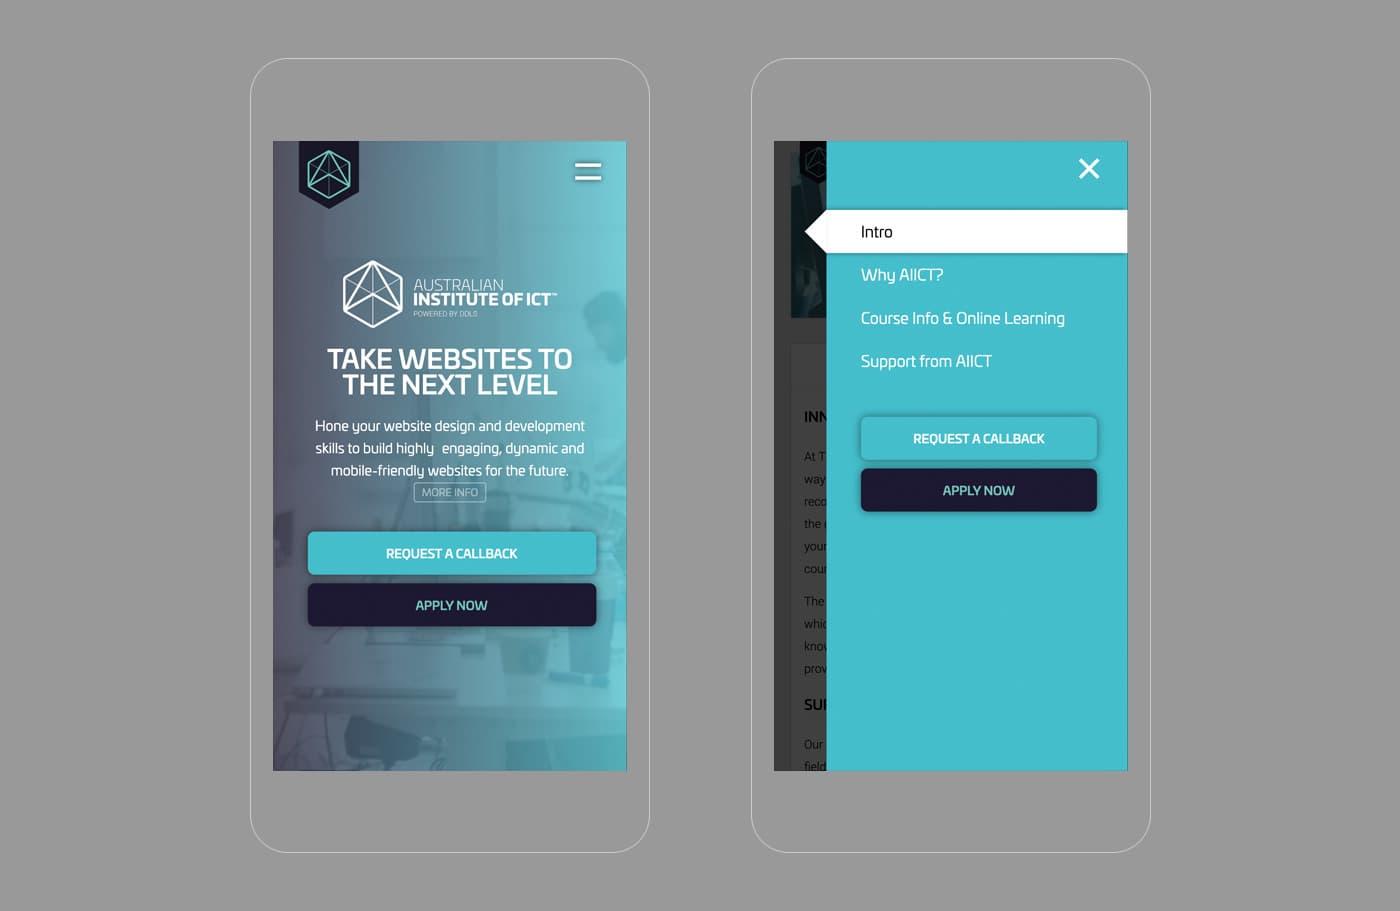 AIICT landing page design - mobile